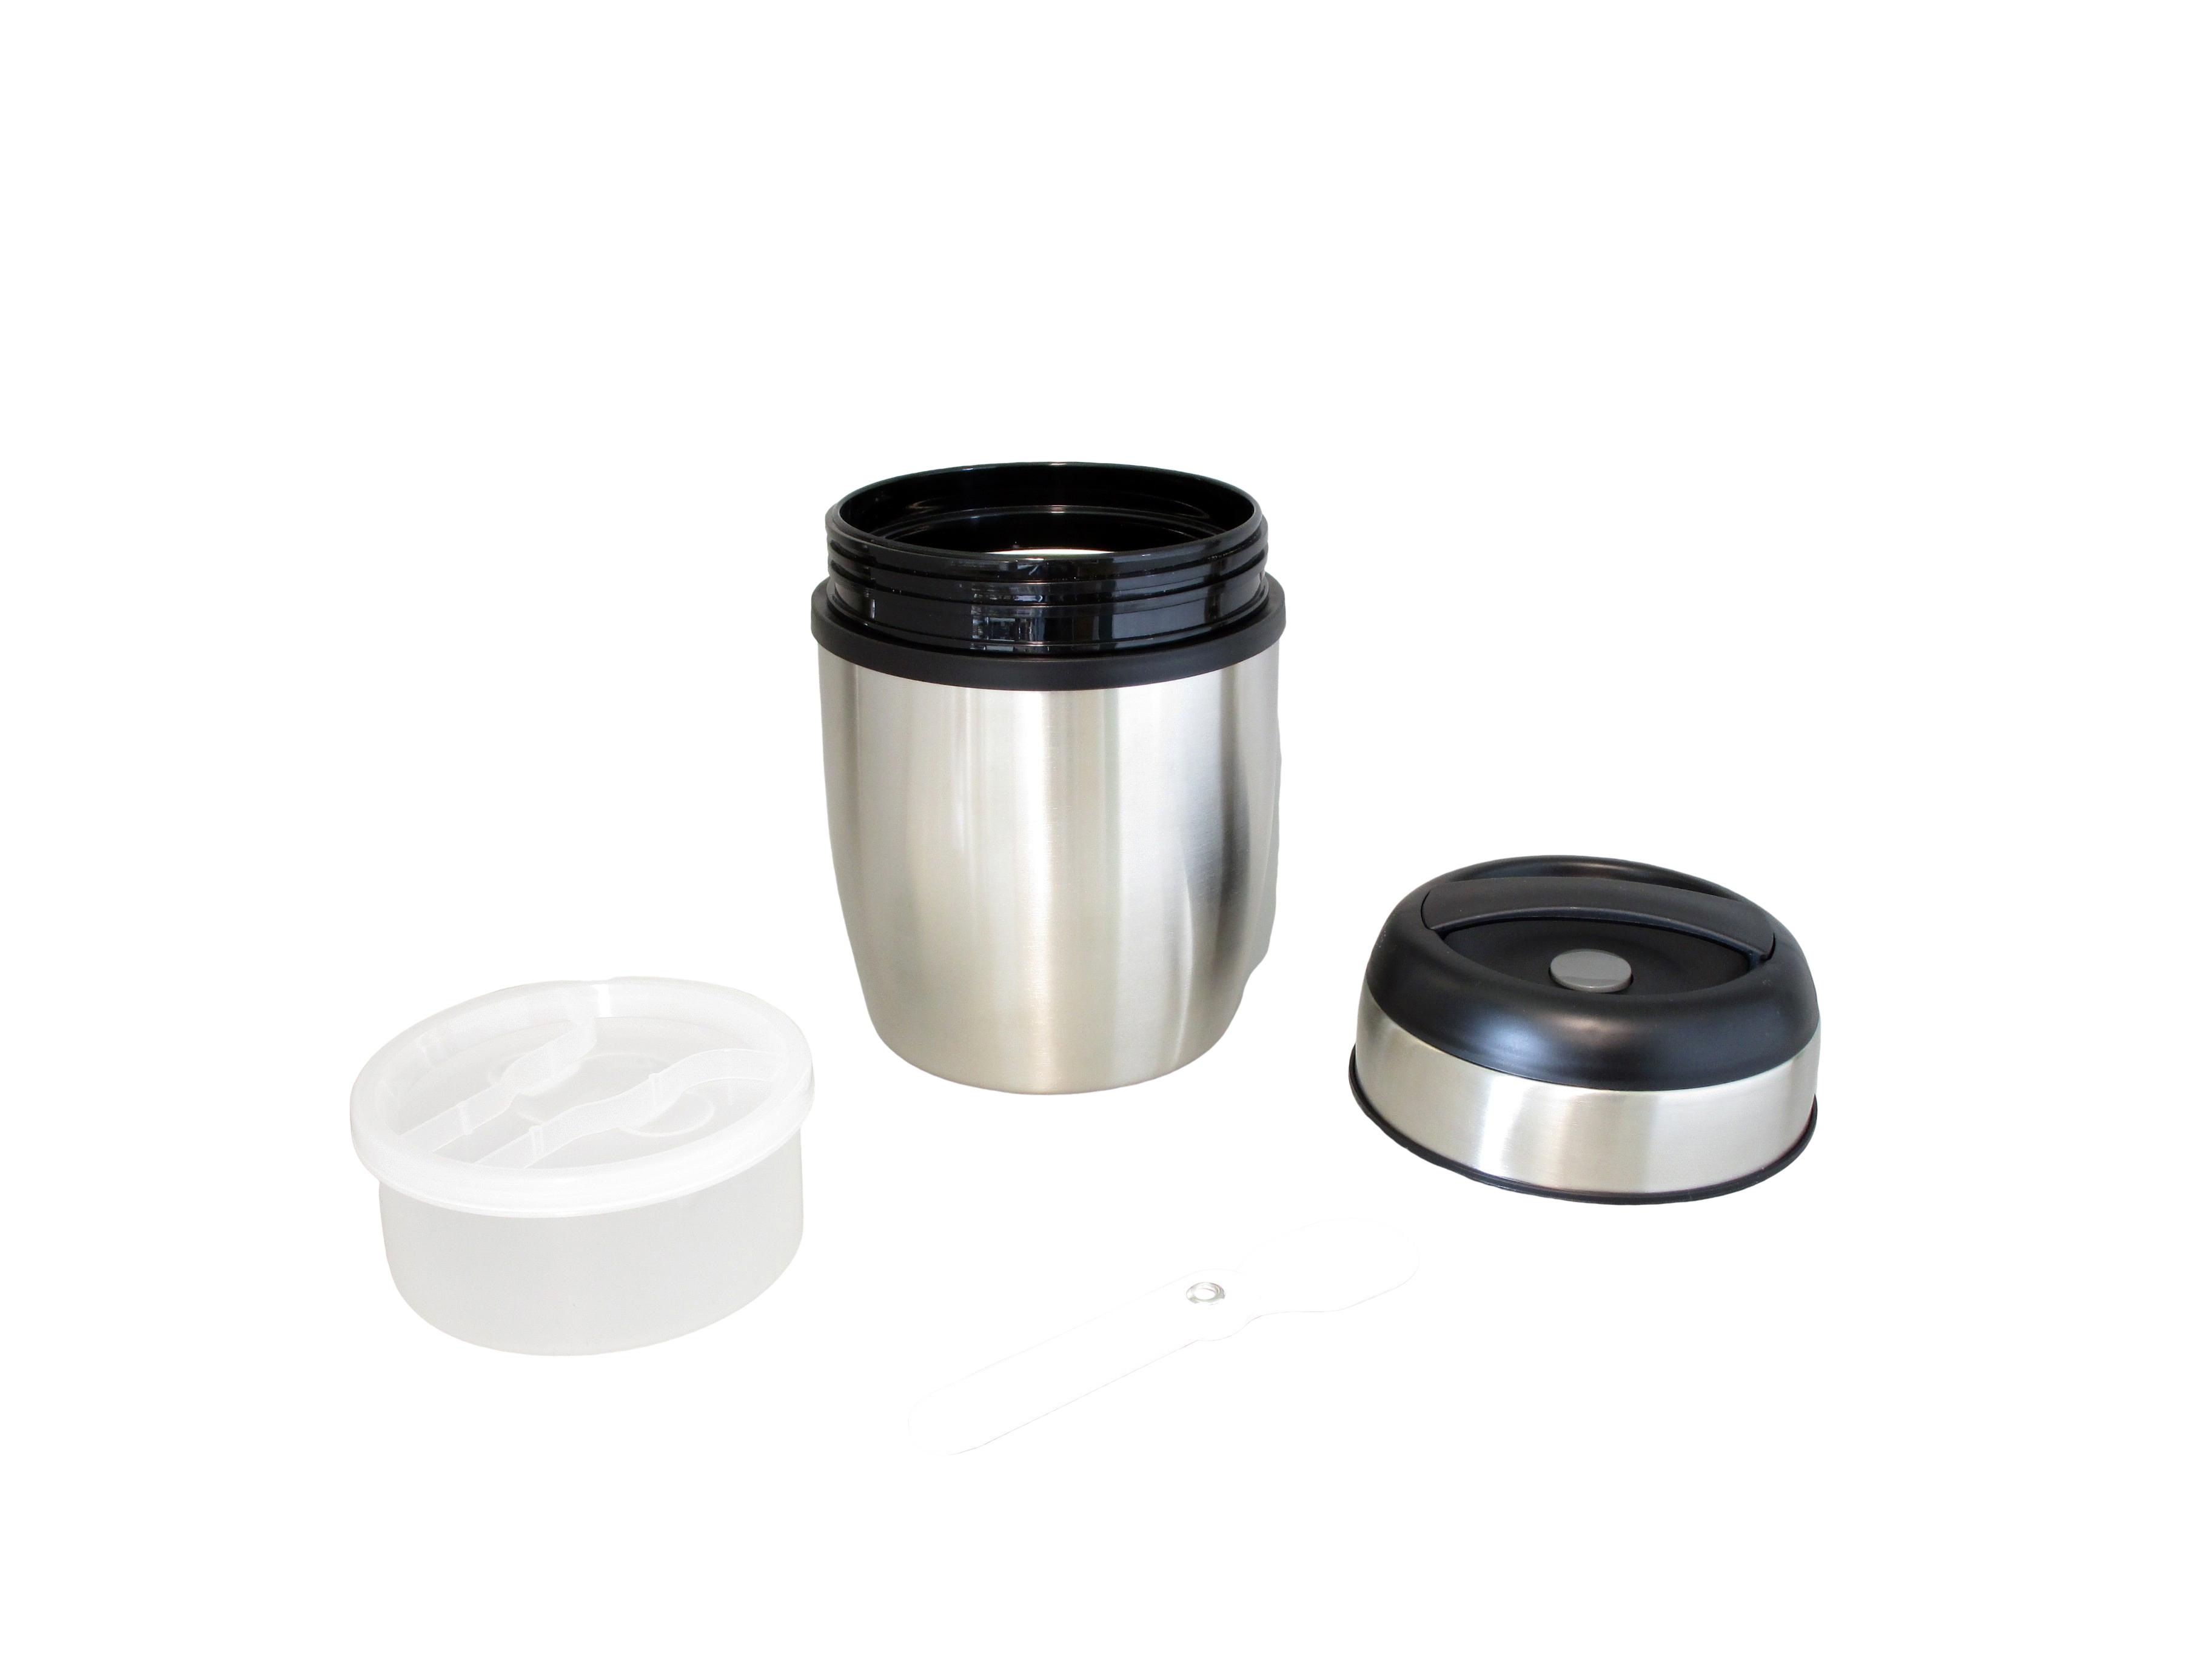 LUNCH10 - Voedselbewaarder onbreekbaar inox 1.0 L - Isobel